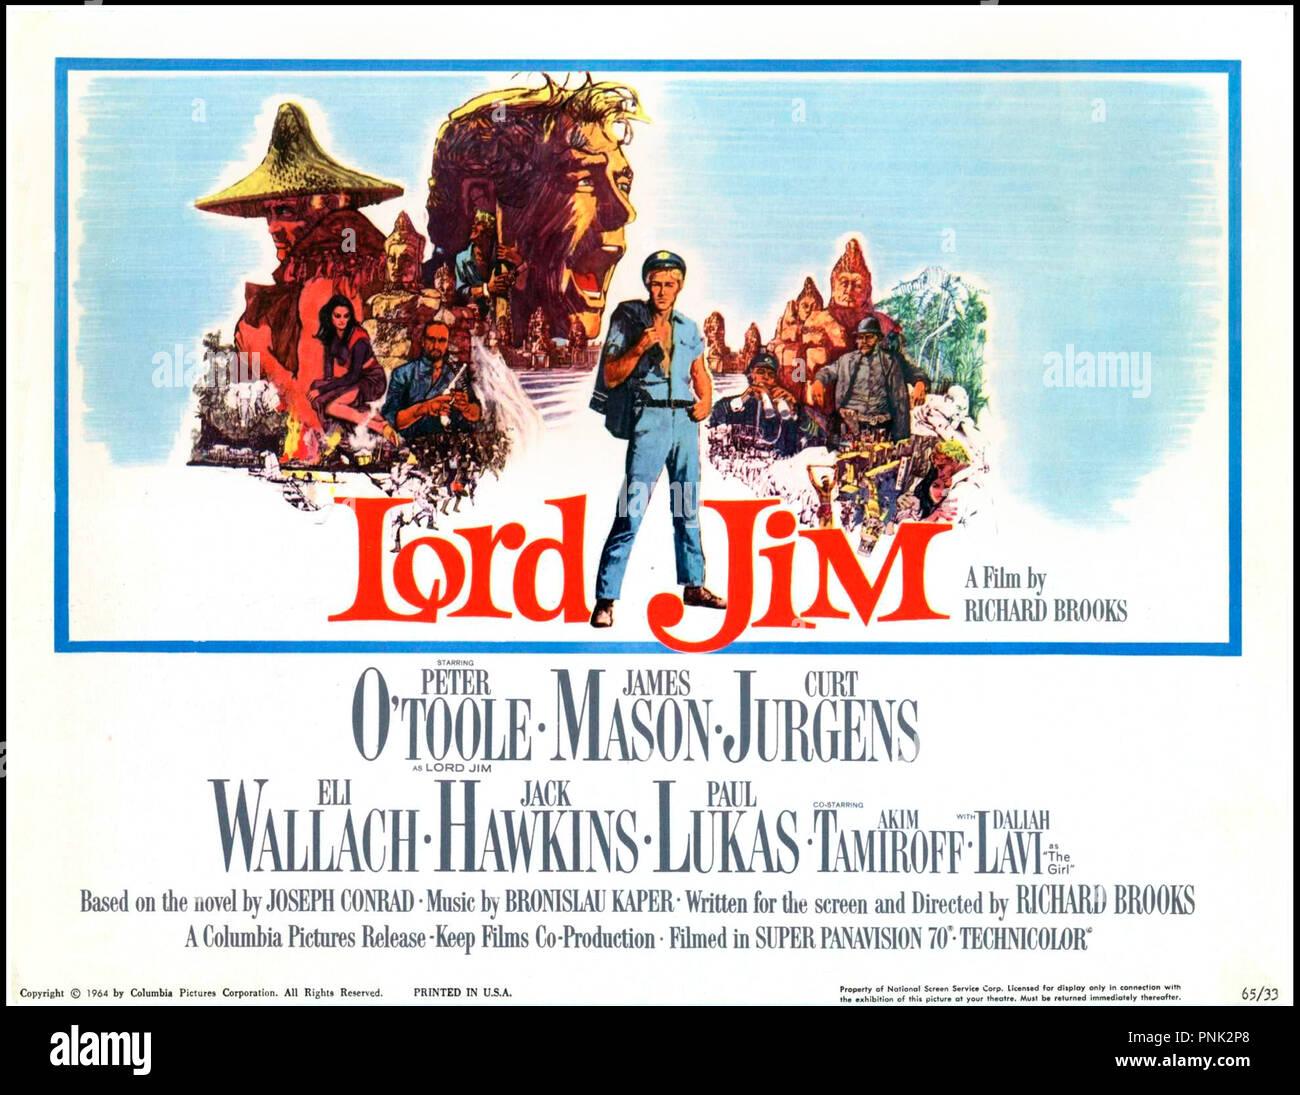 Prod DB © Columbia Pictures / DR LORD JIM de Richard Brooks 1965 GB/USA affiche americaine avec Peter O'Toole aventure d'apres le roman de Joseph Conrad - Stock Image